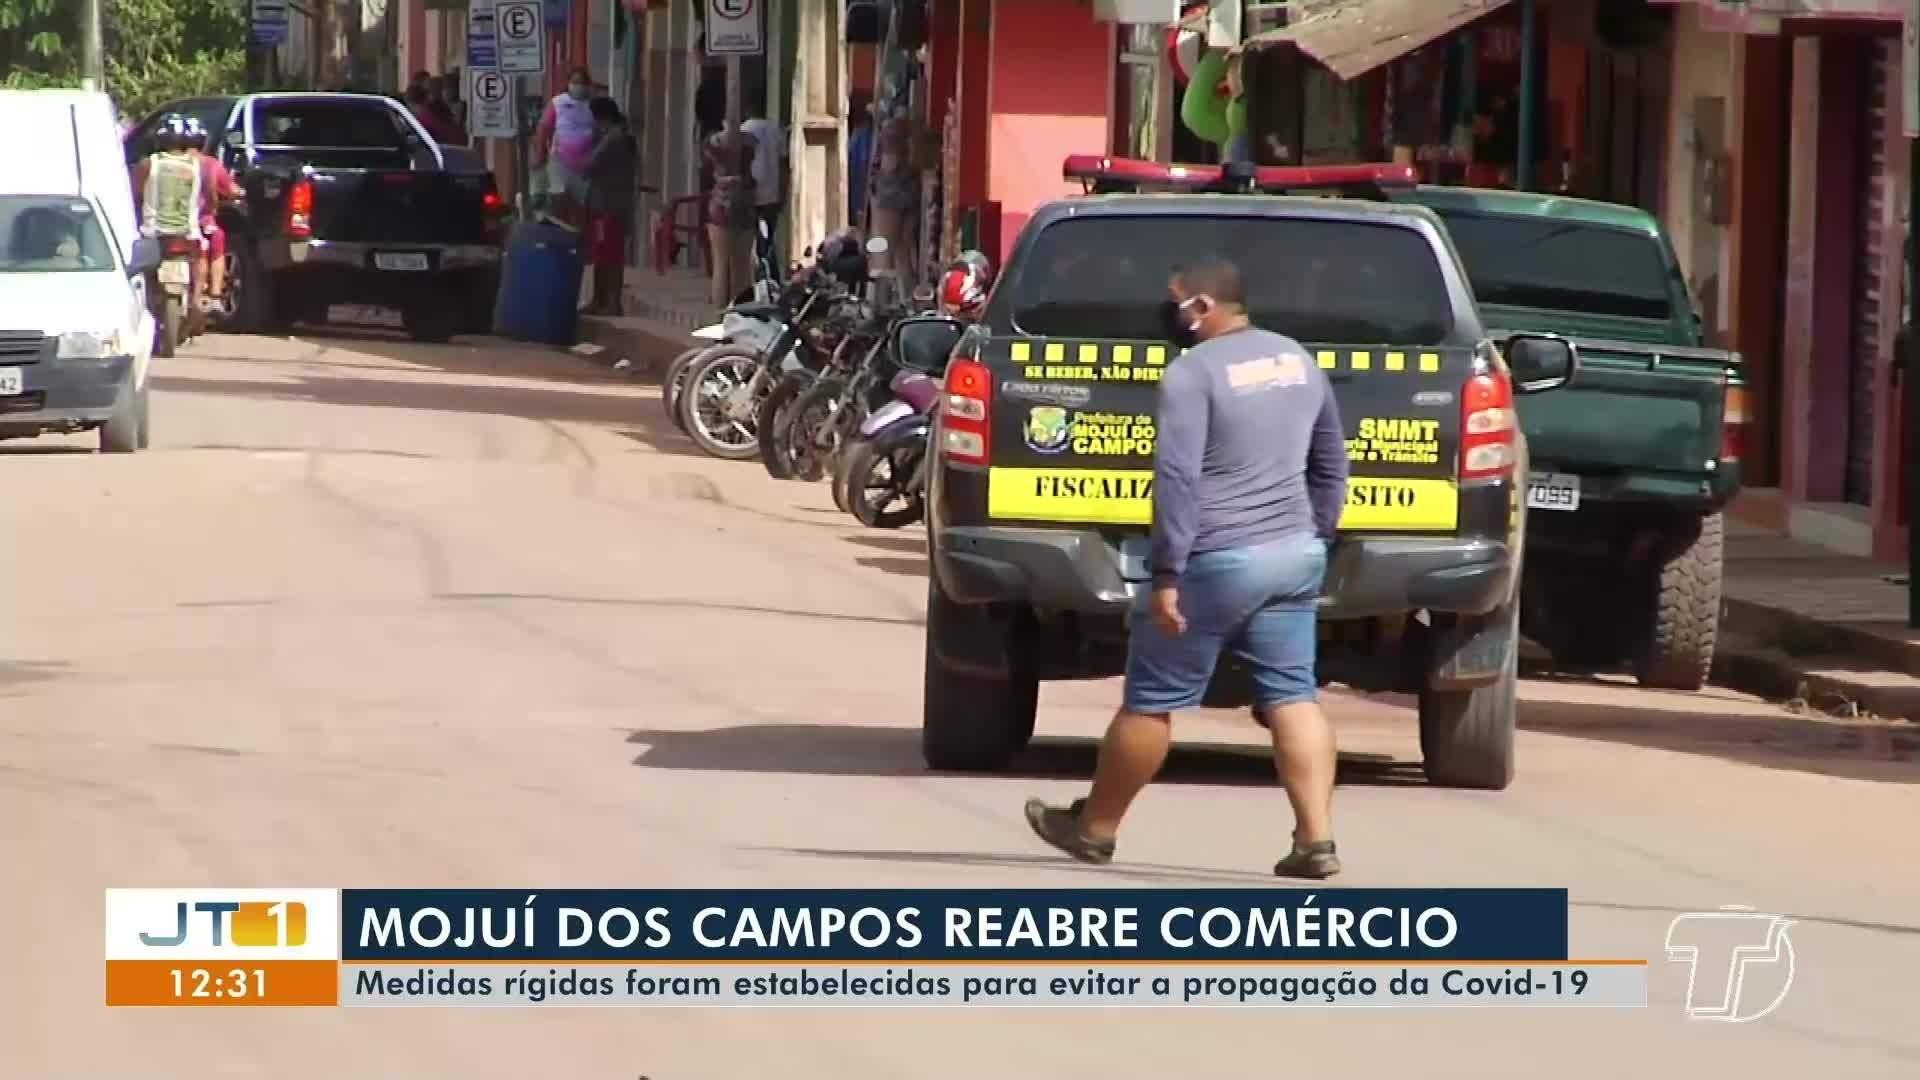 VÍDEOS: Jornal Tapajós 1ª Edição de sábado, 4 de julho de 2020